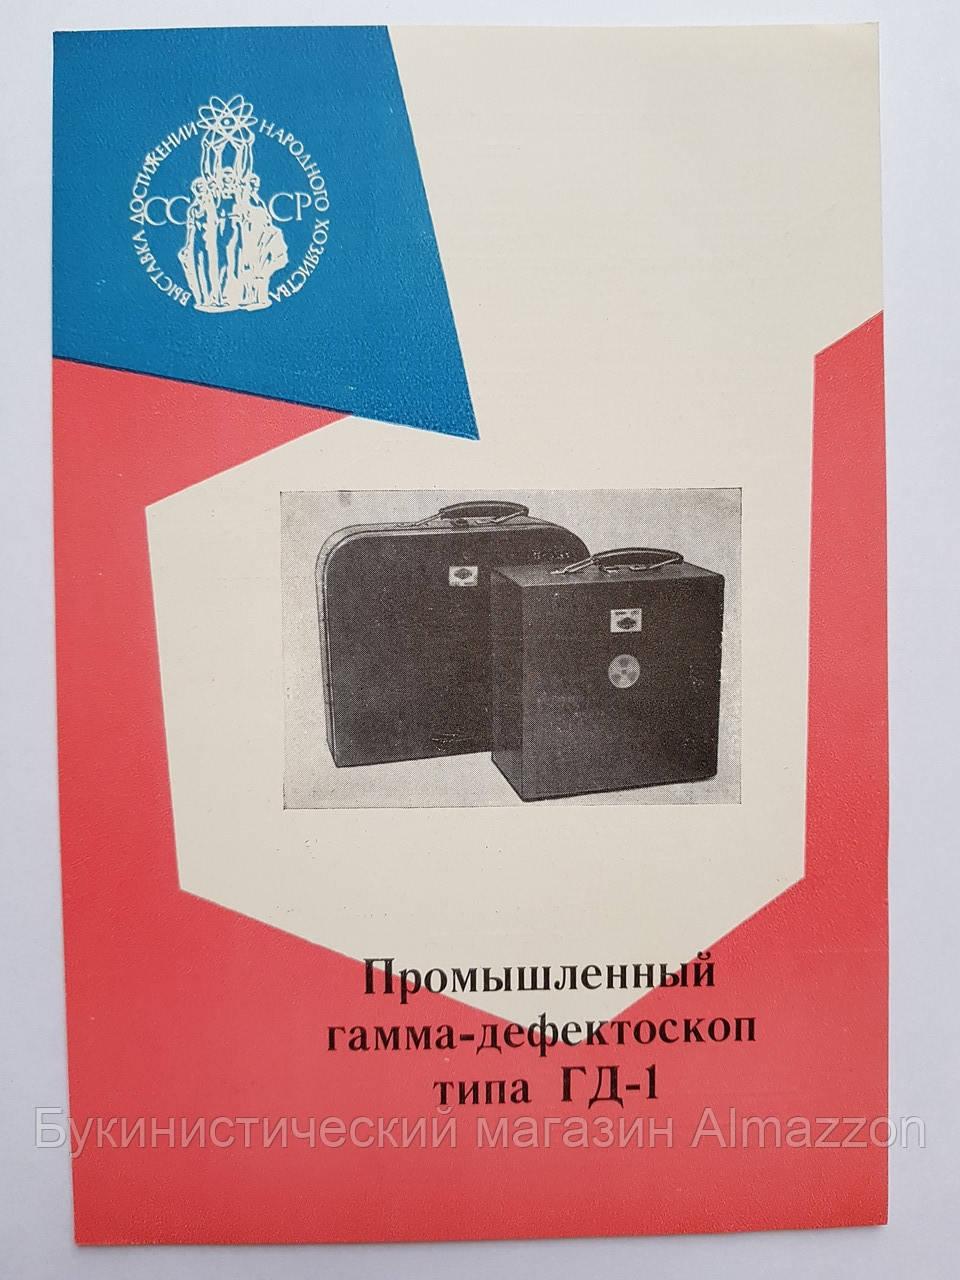 Реклама ВДНХ Промышленный гамма-дефектоскоп ГД-1